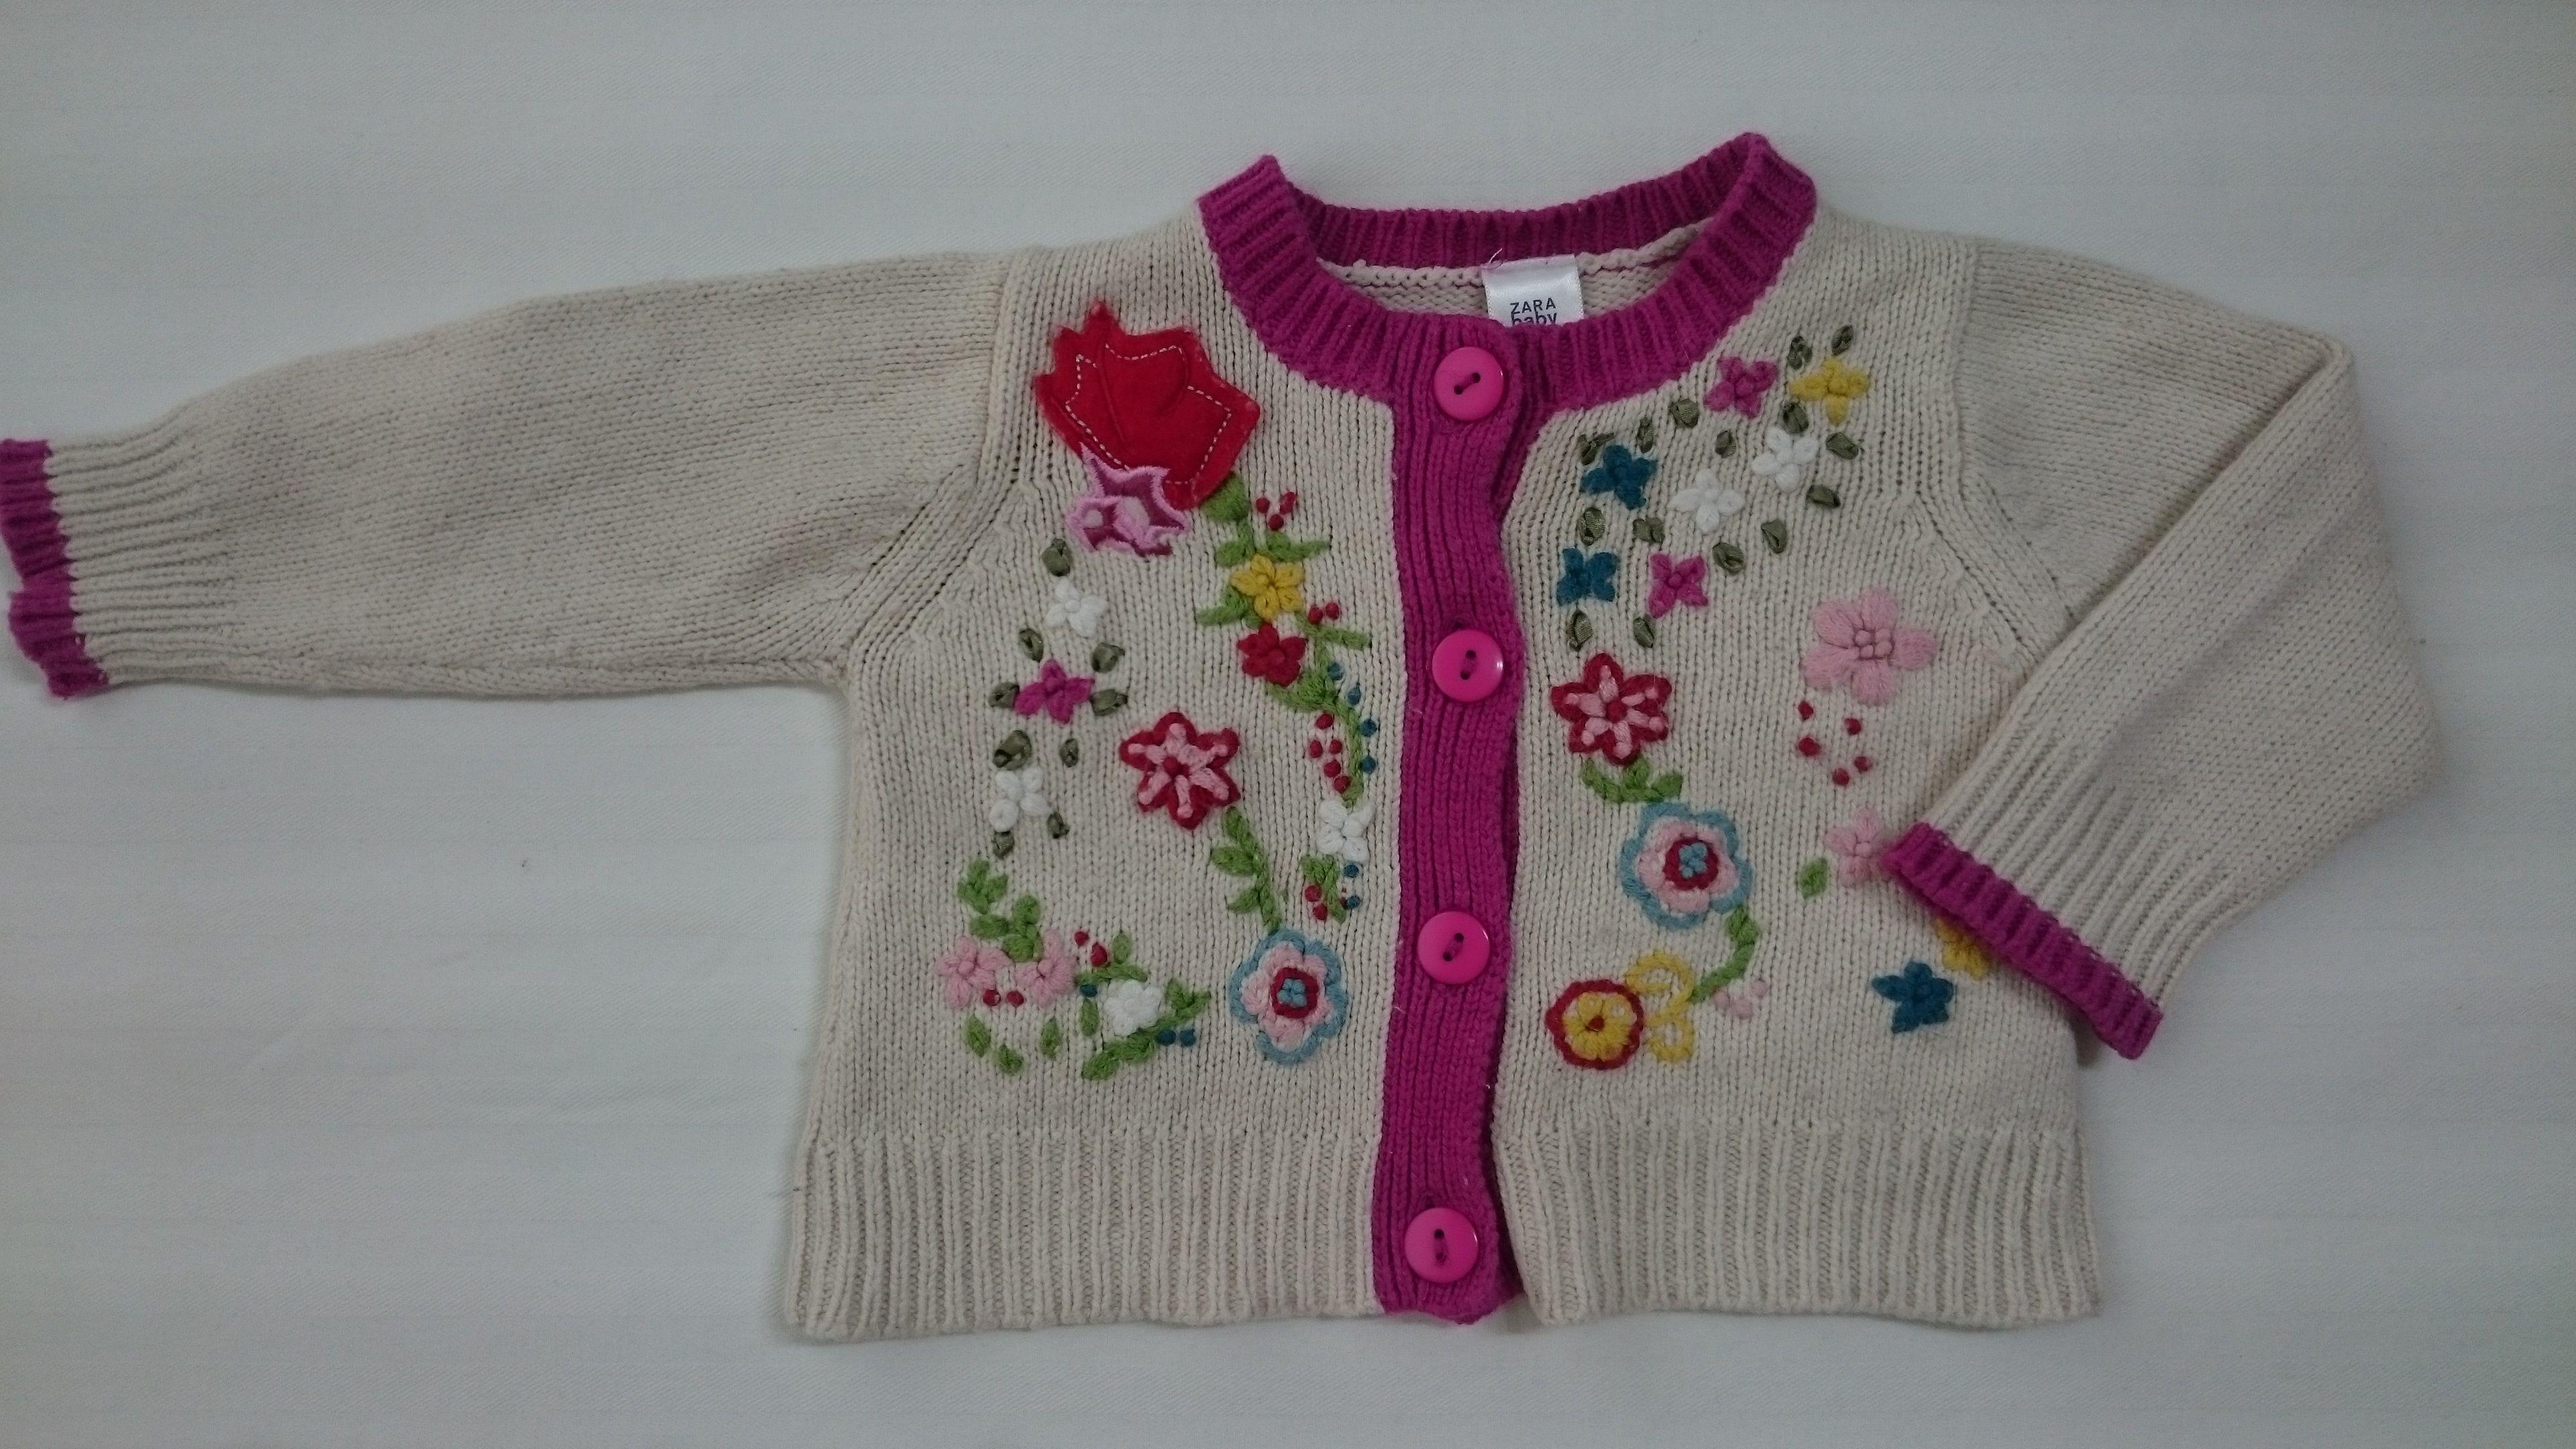 7bc86c4f2 Chaqueta Zara de punto color crema con bordes fucsia y bonitos bordados  florales. Talla 3